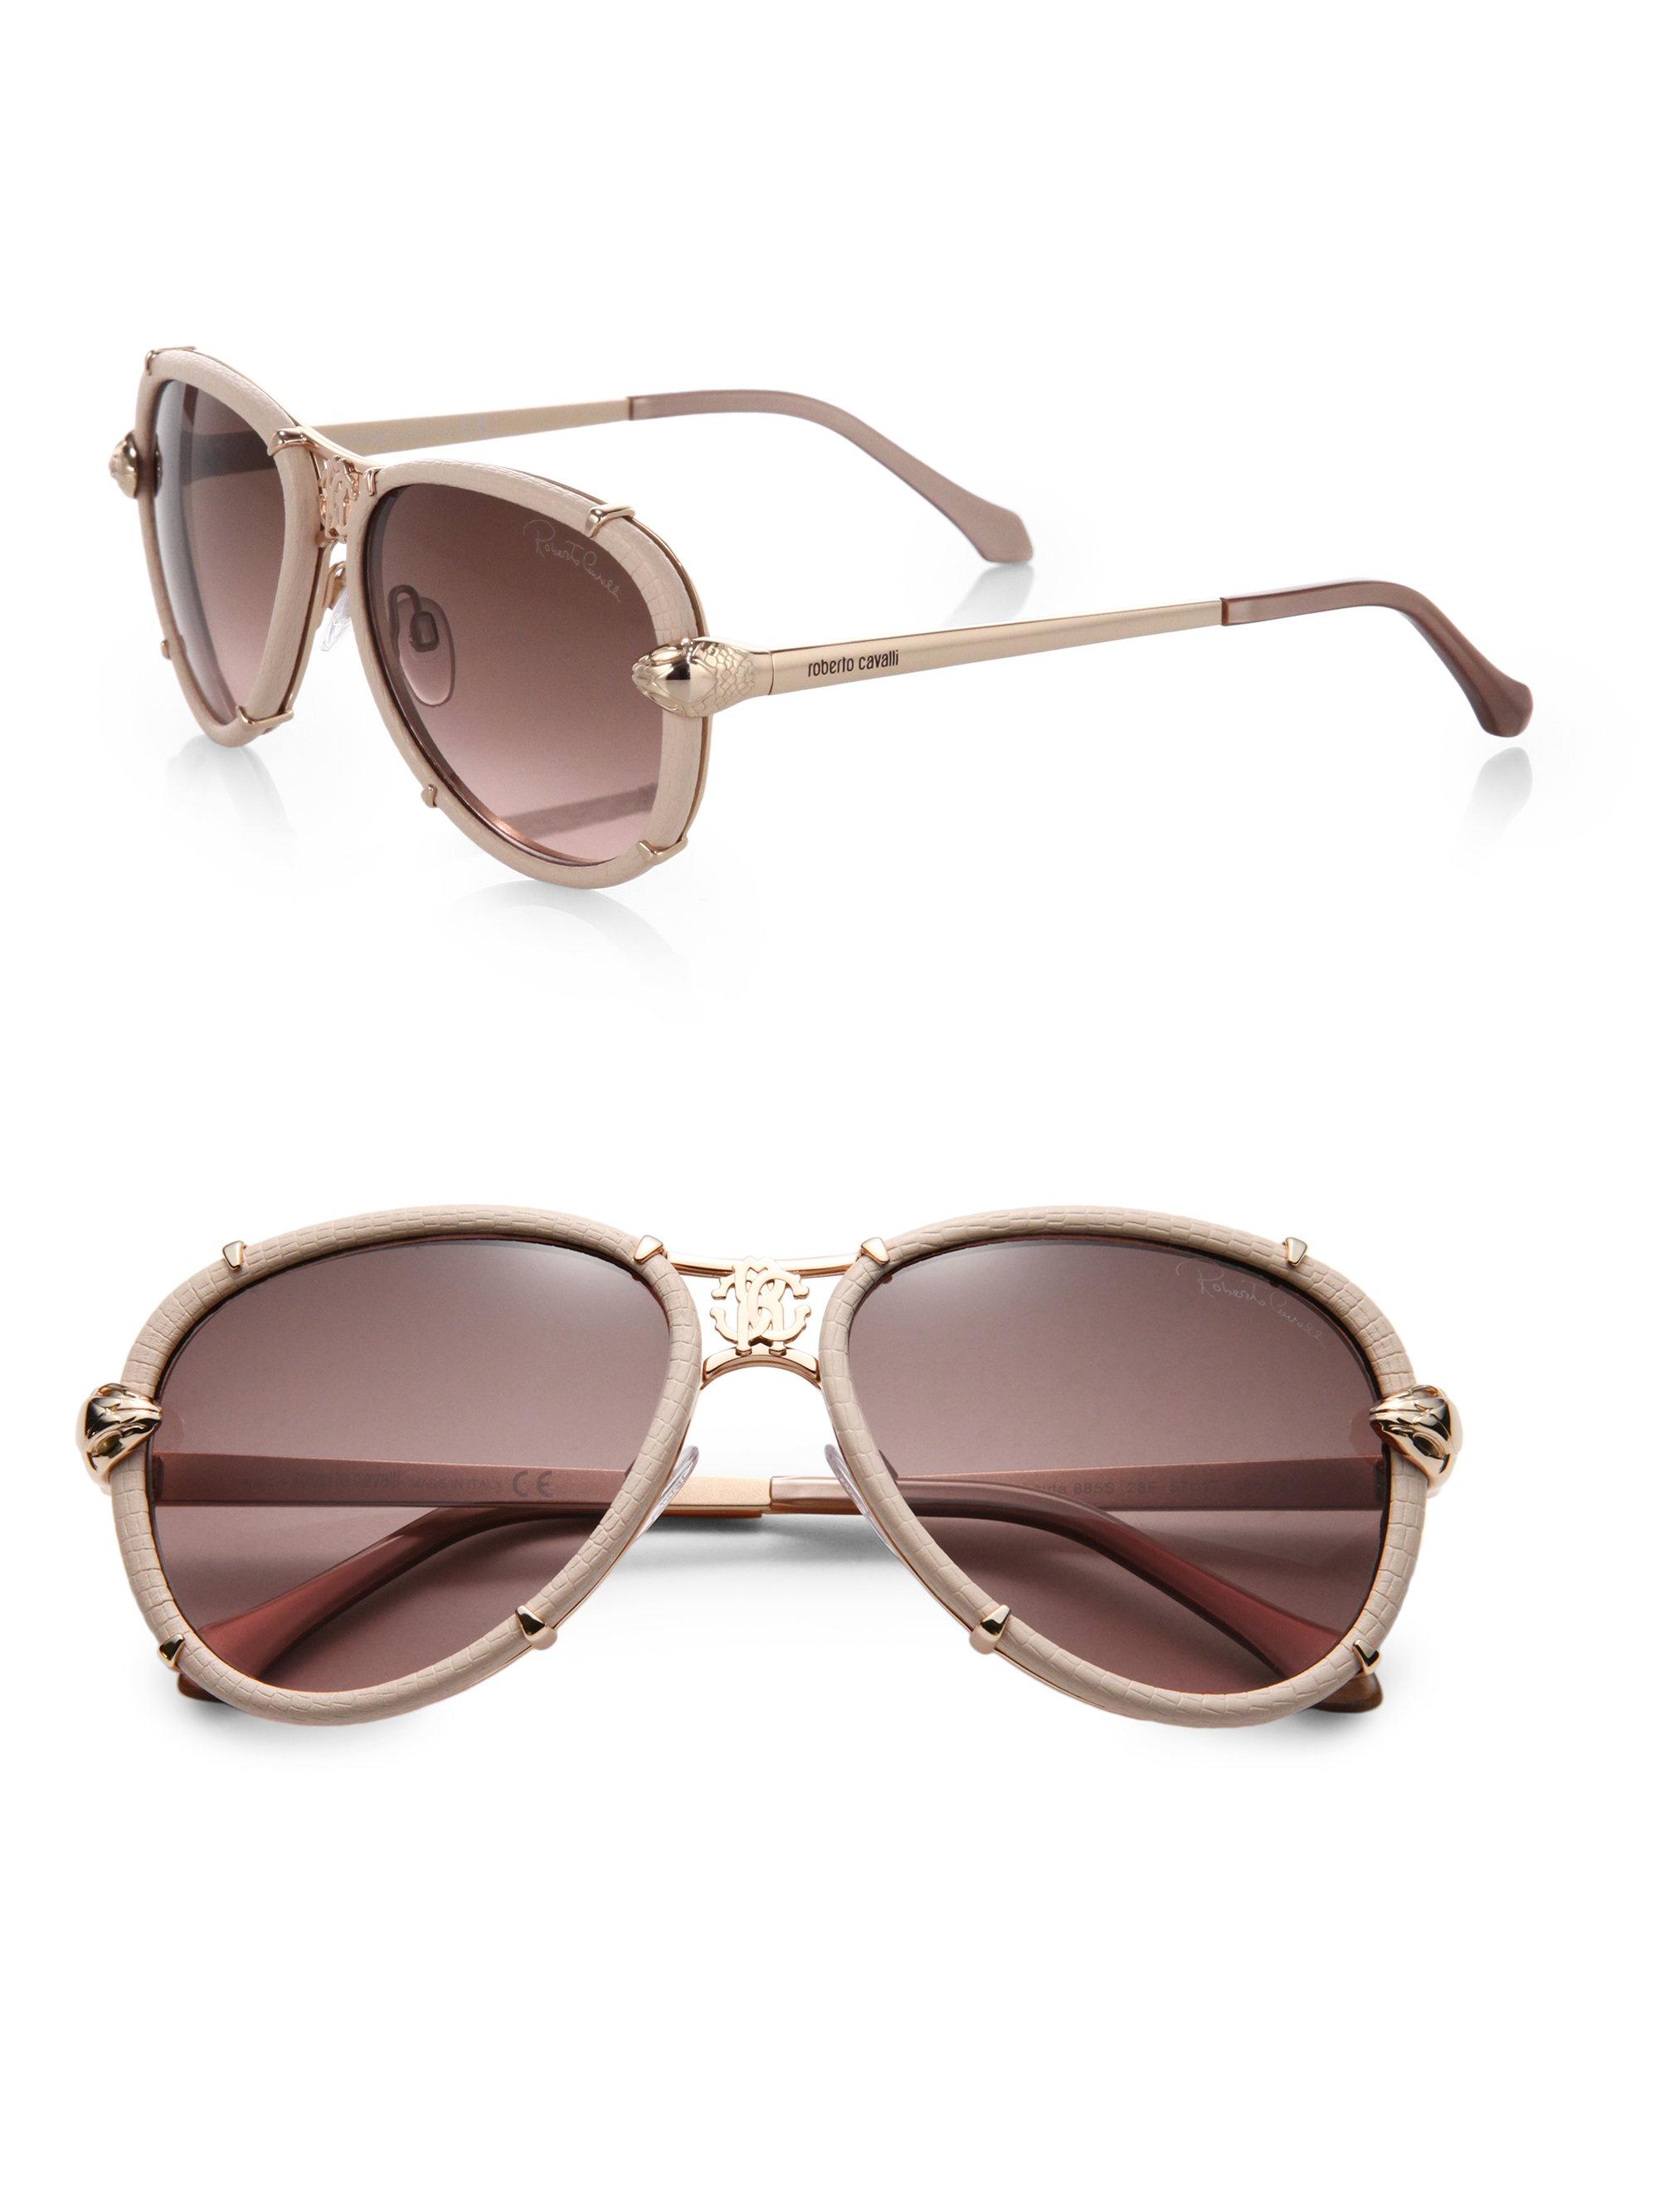 b4726e5364e7 Sunglasses With Leather